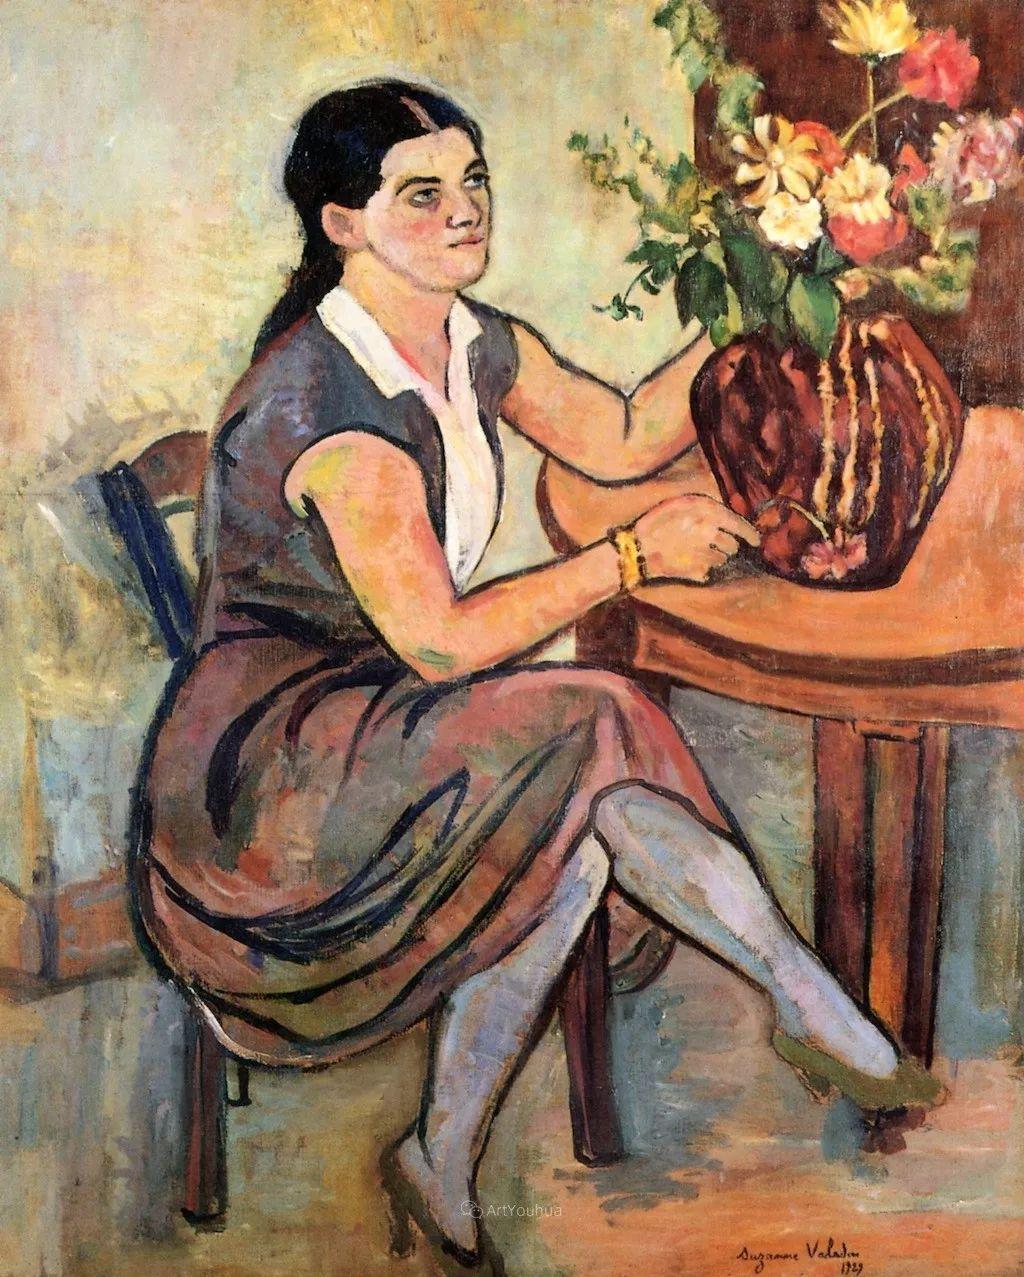 法国美术家协会第一个女性成员——苏珊娜·瓦拉东插图39